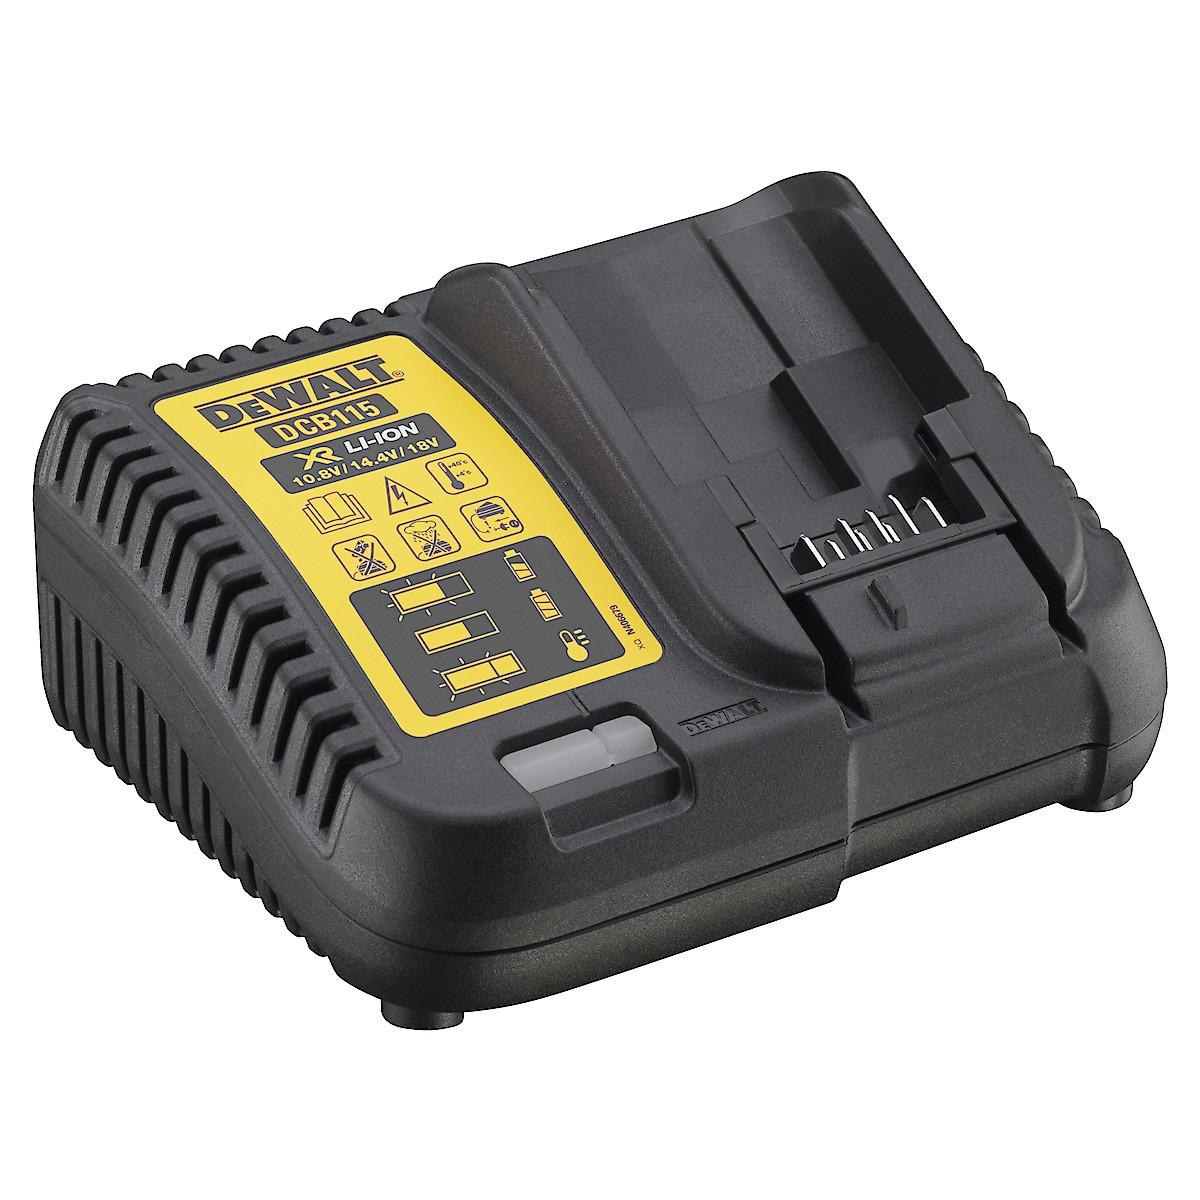 Dewalt XR DCB115 batterilader